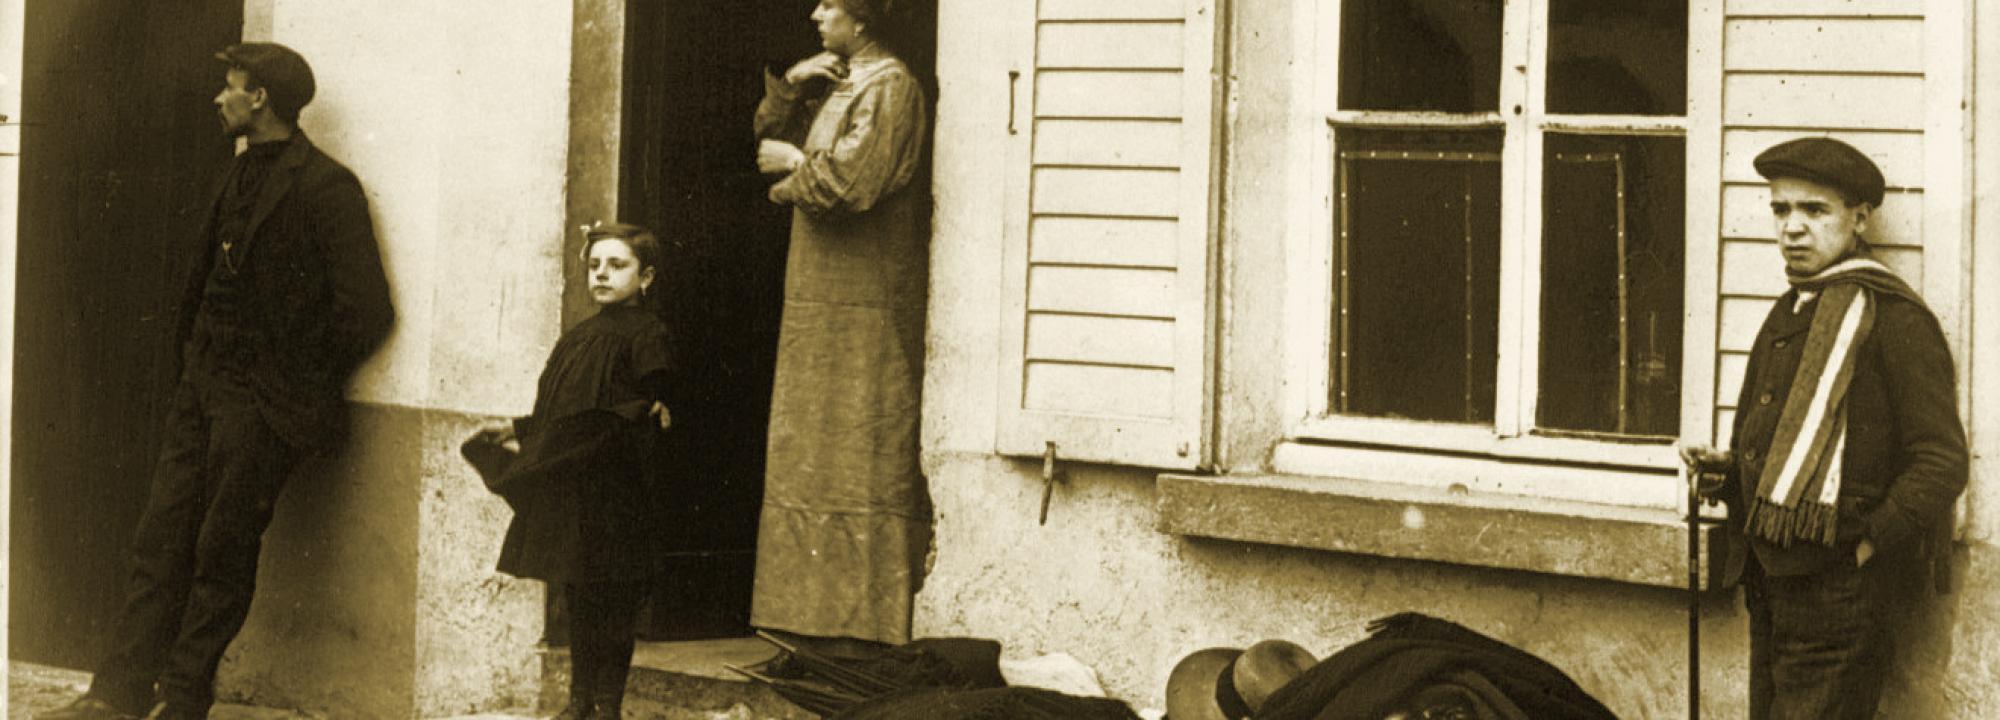 Réfugiés près d'Alost, ce qu'ils ne peuvent emporter est sur le trottoir, 1914